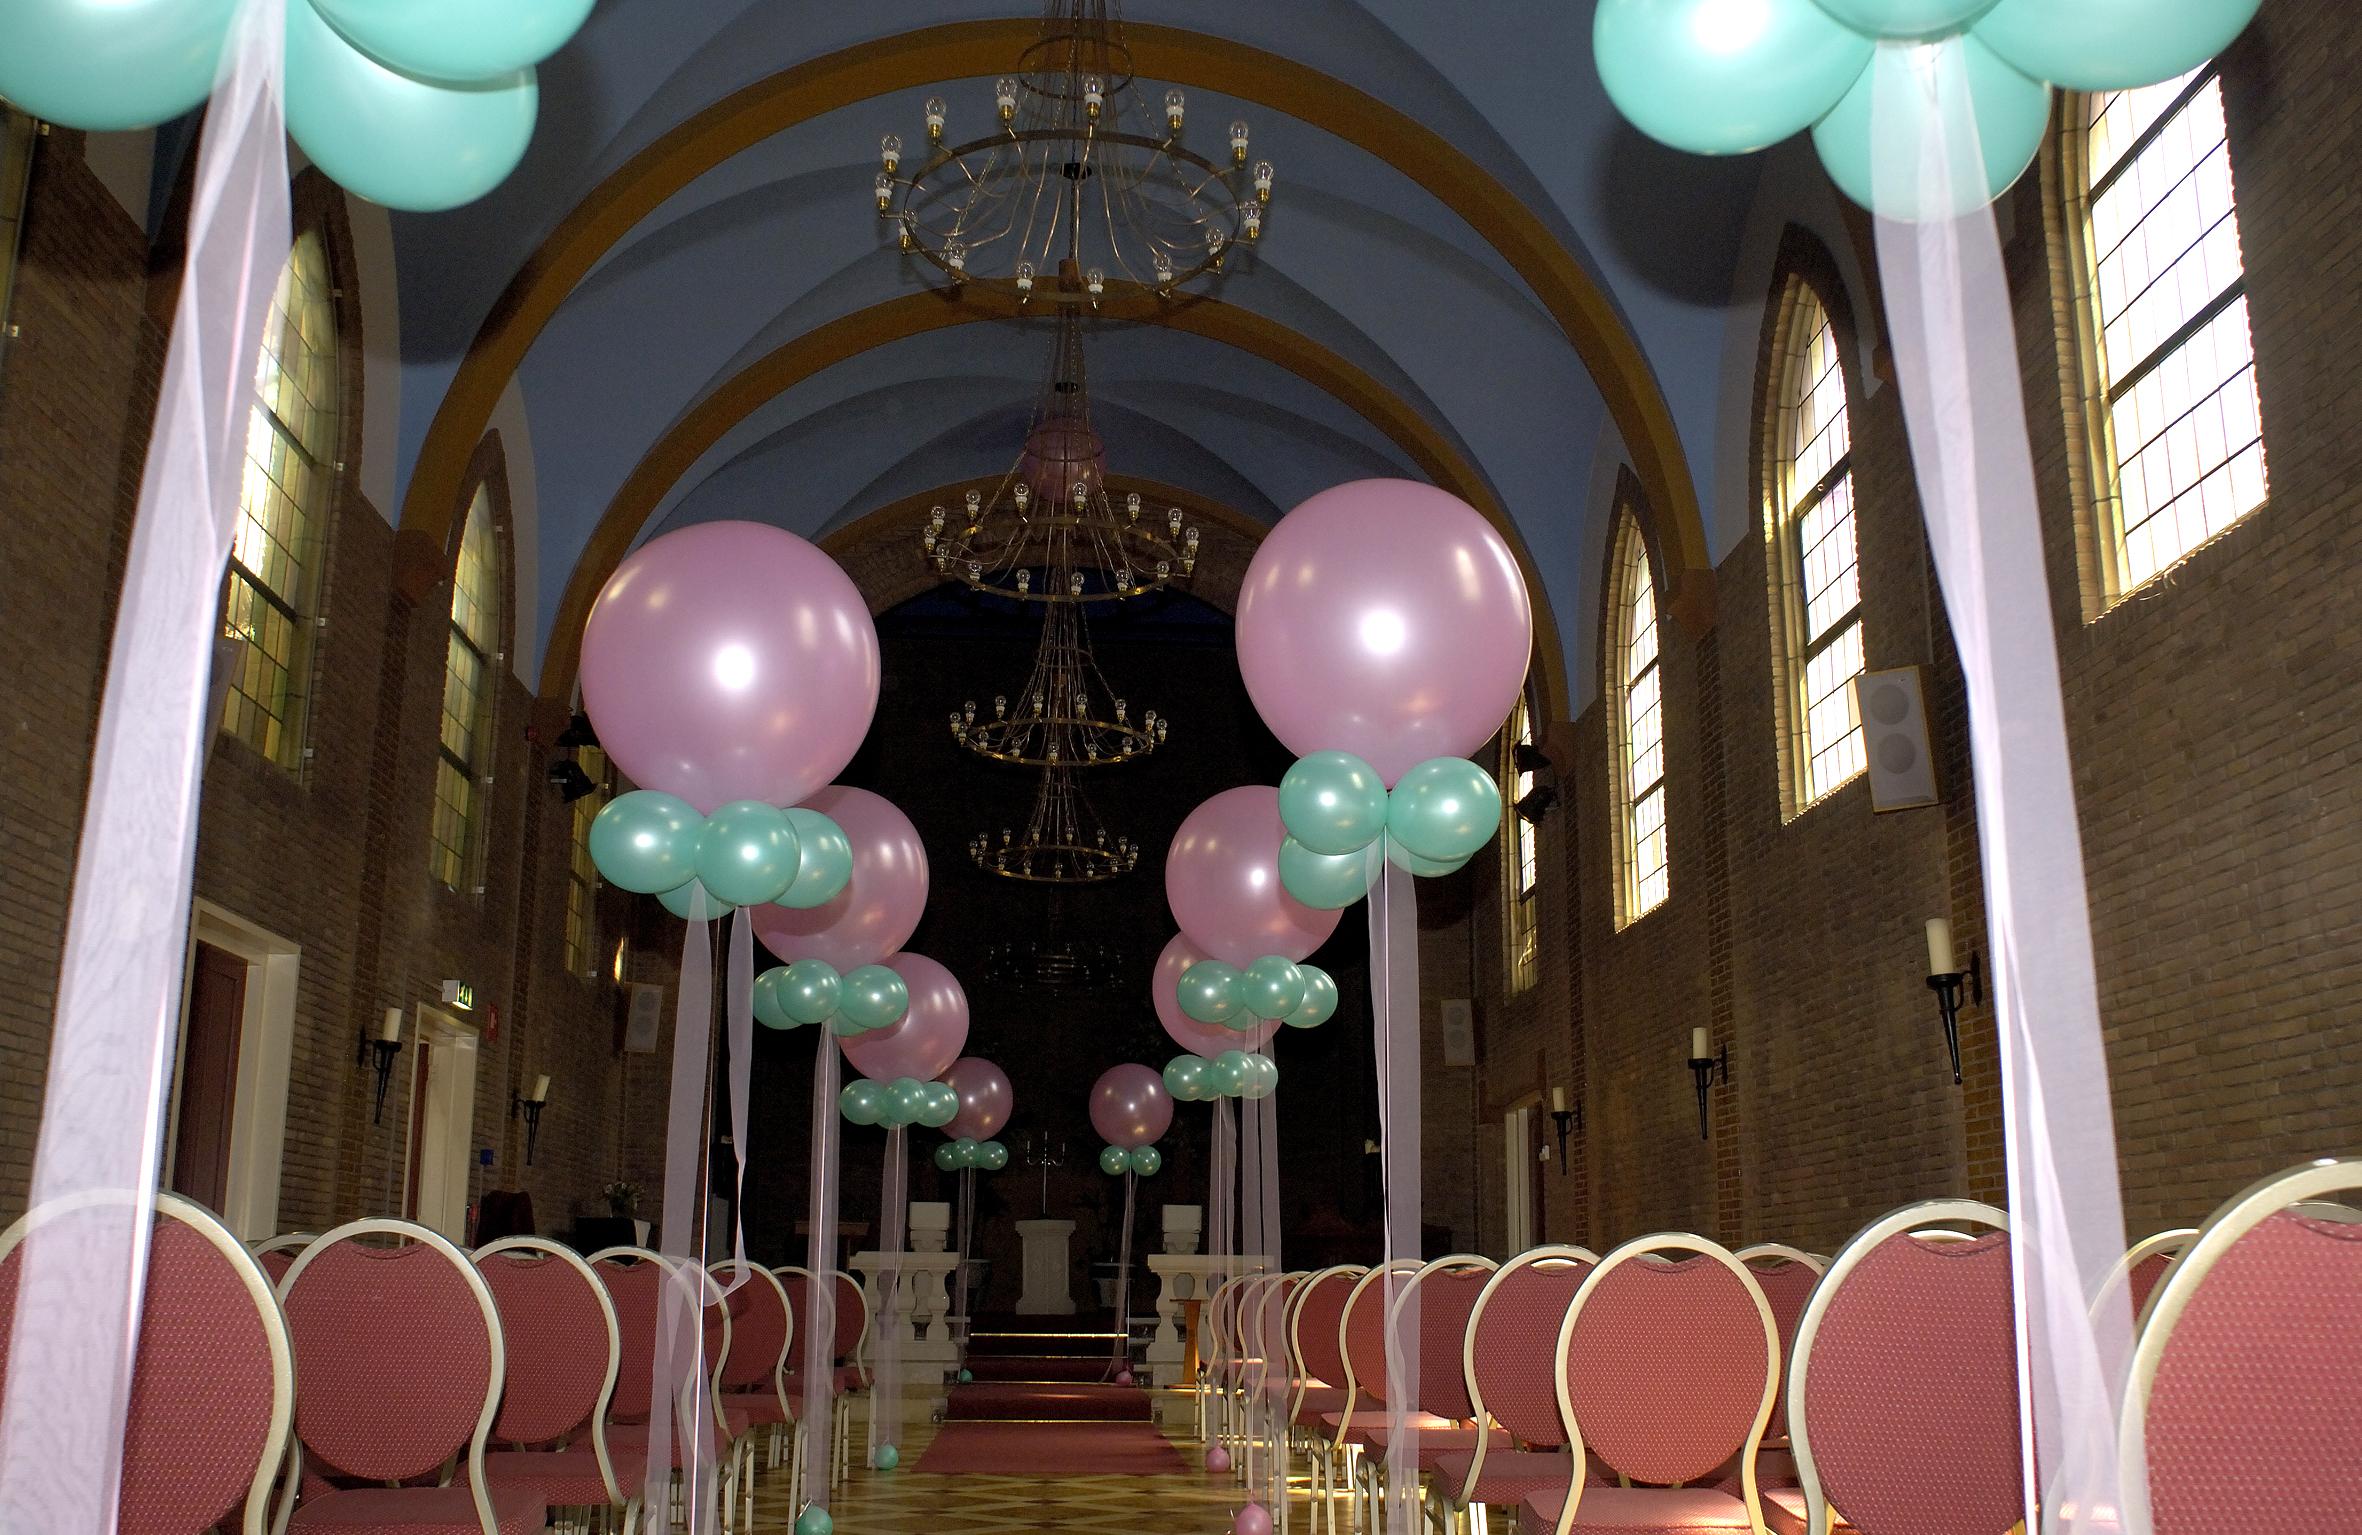 Ballonnendecoratie - Een grote heliumballon met kleinere ballonnen eronder en organzalint